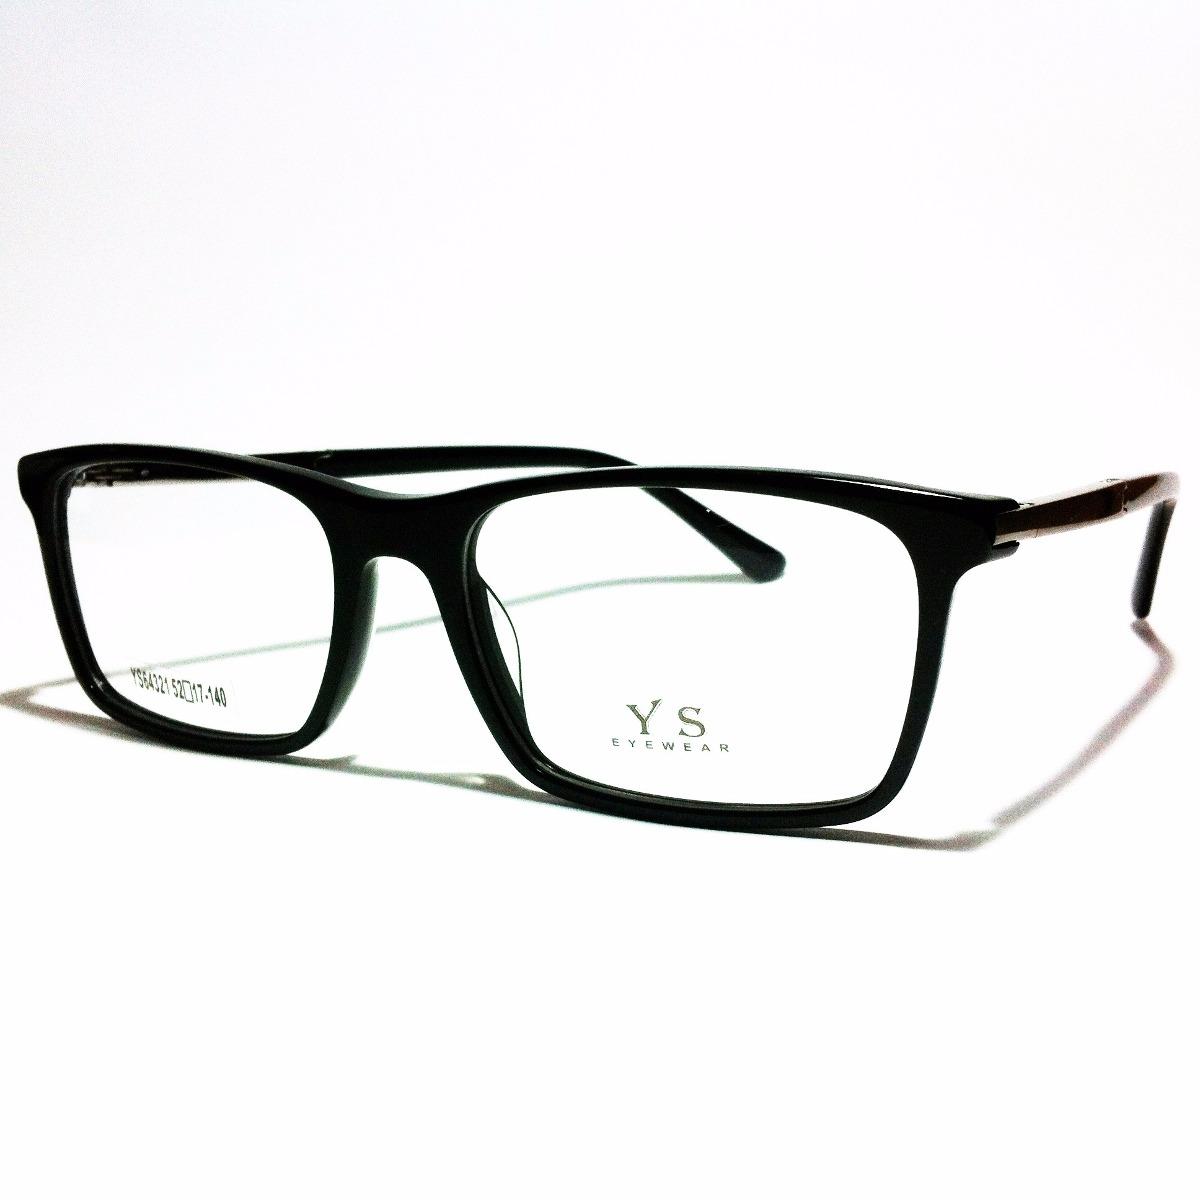 afcb672a armação de óculos preta masculino lentes de grau ys64321. Carregando zoom.